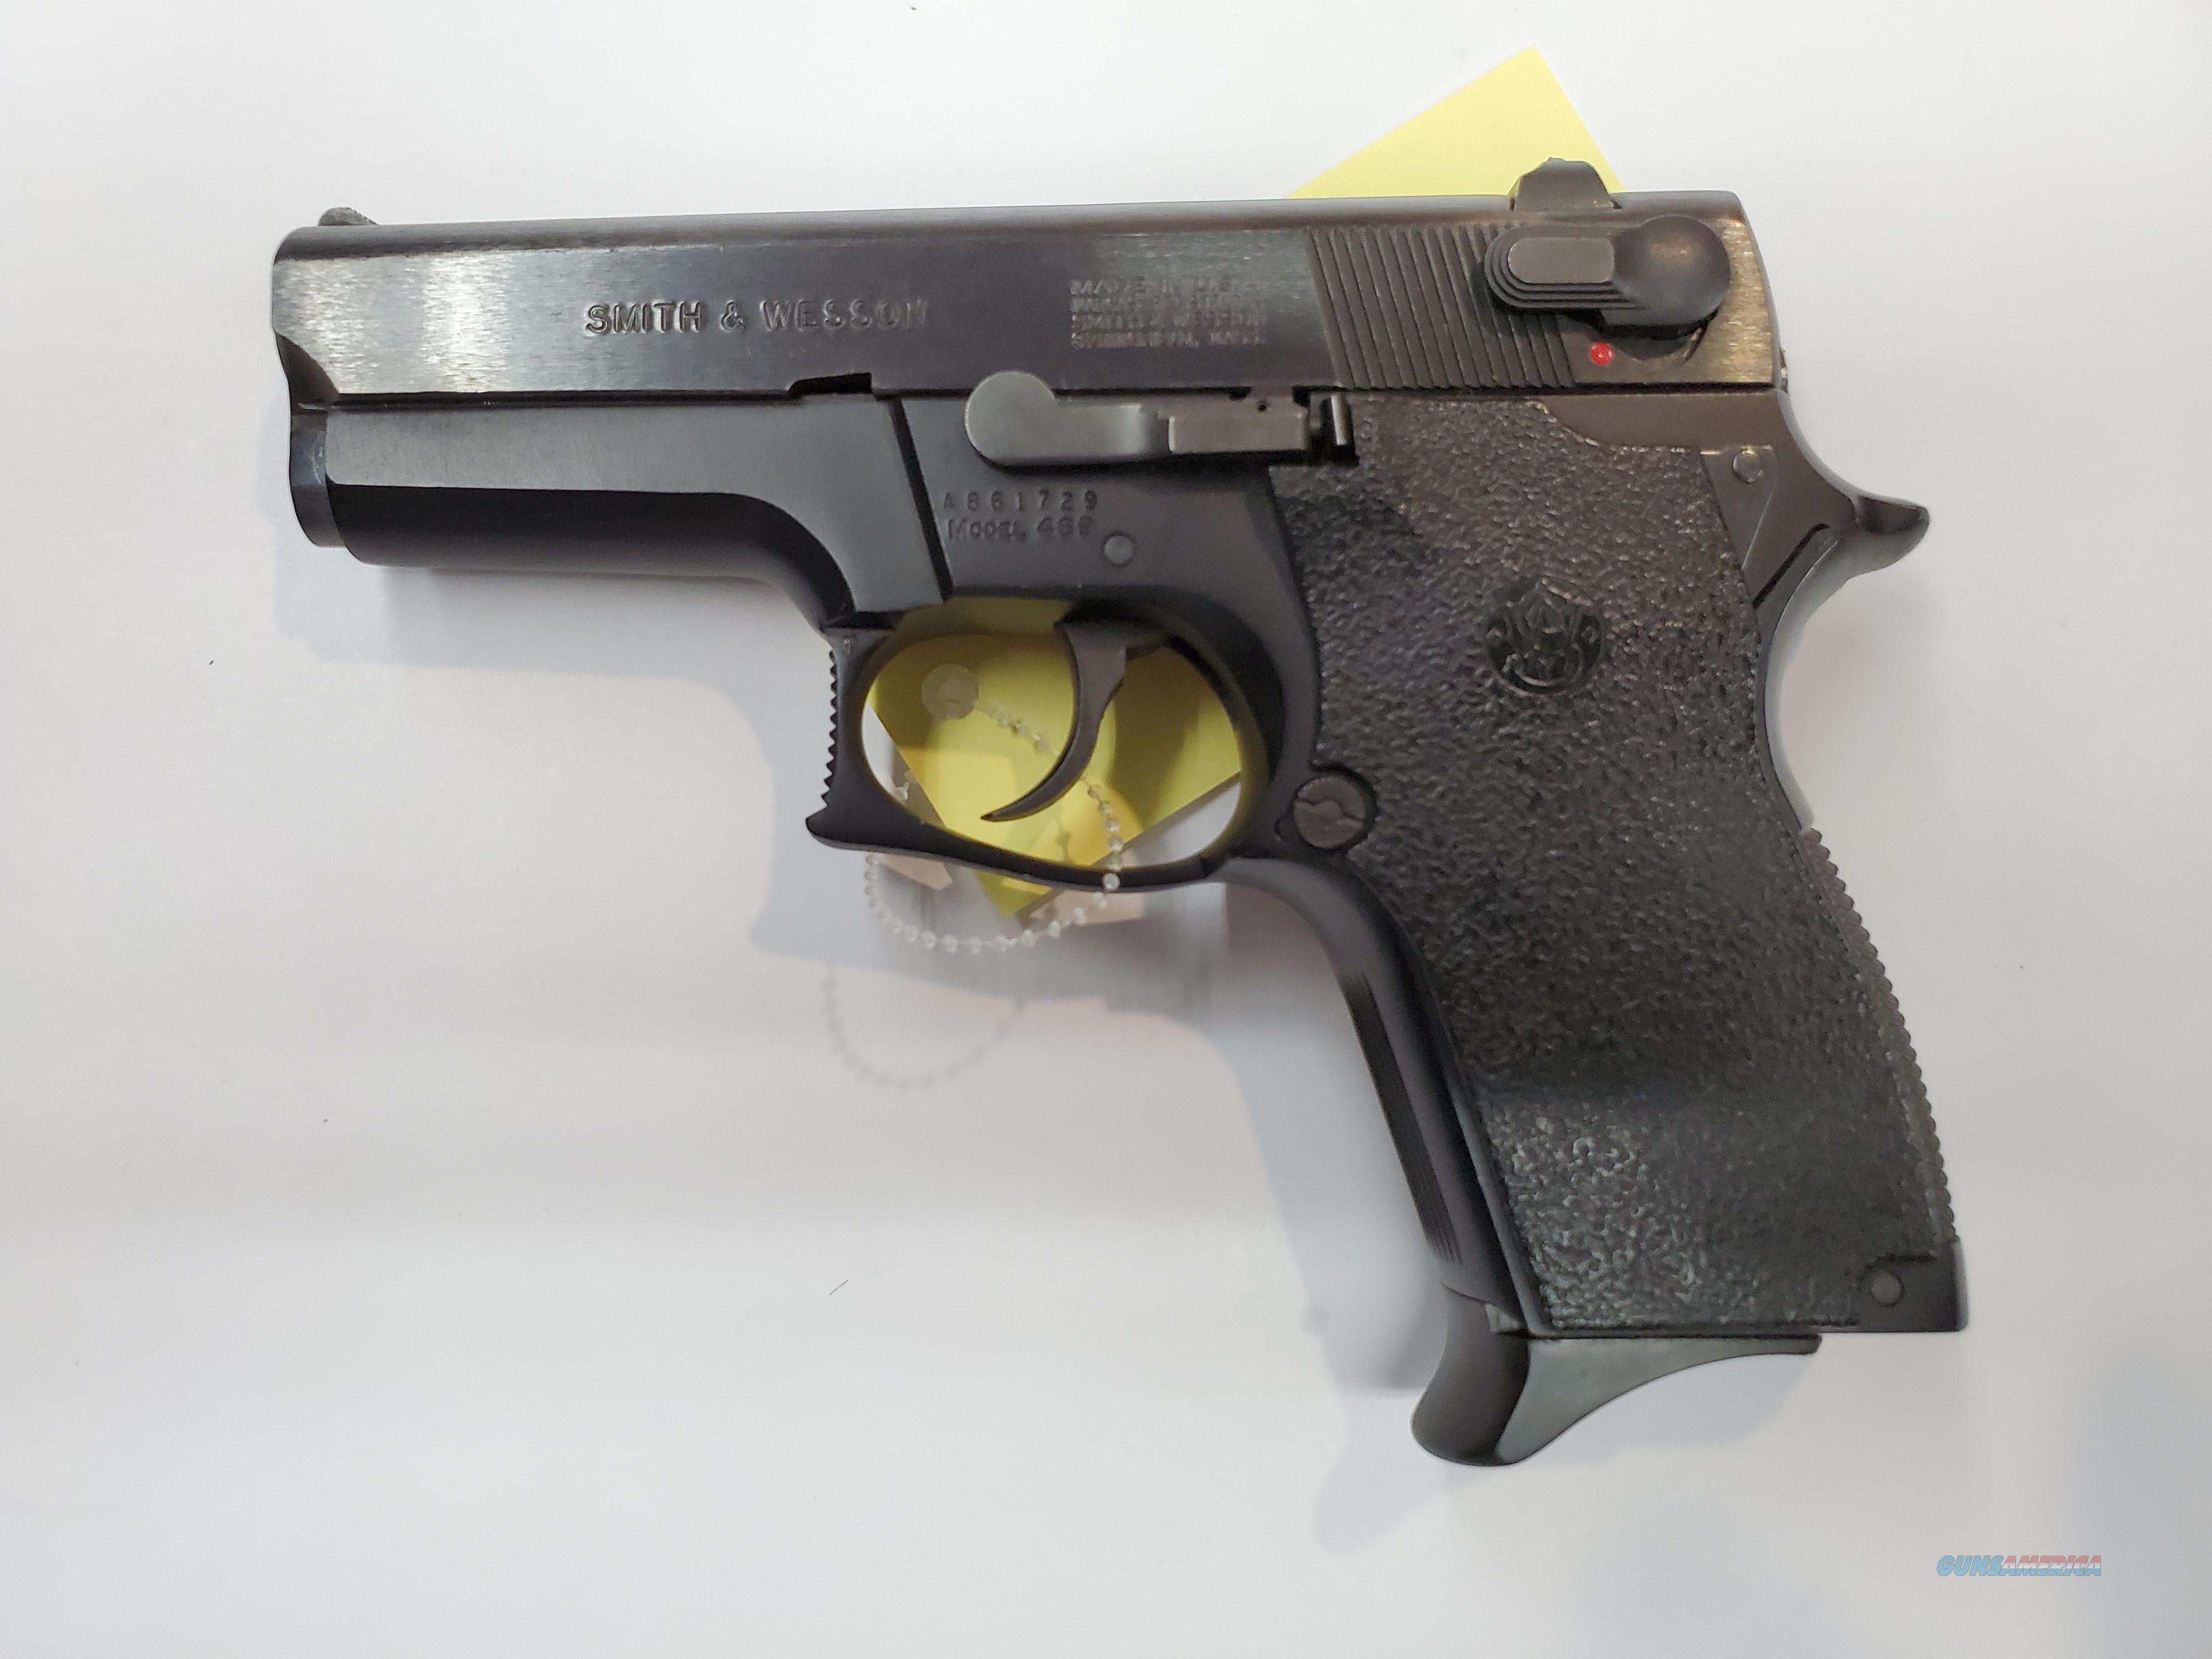 S&W 469  Guns > Pistols > Smith & Wesson Pistols - Autos > Alloy Frame